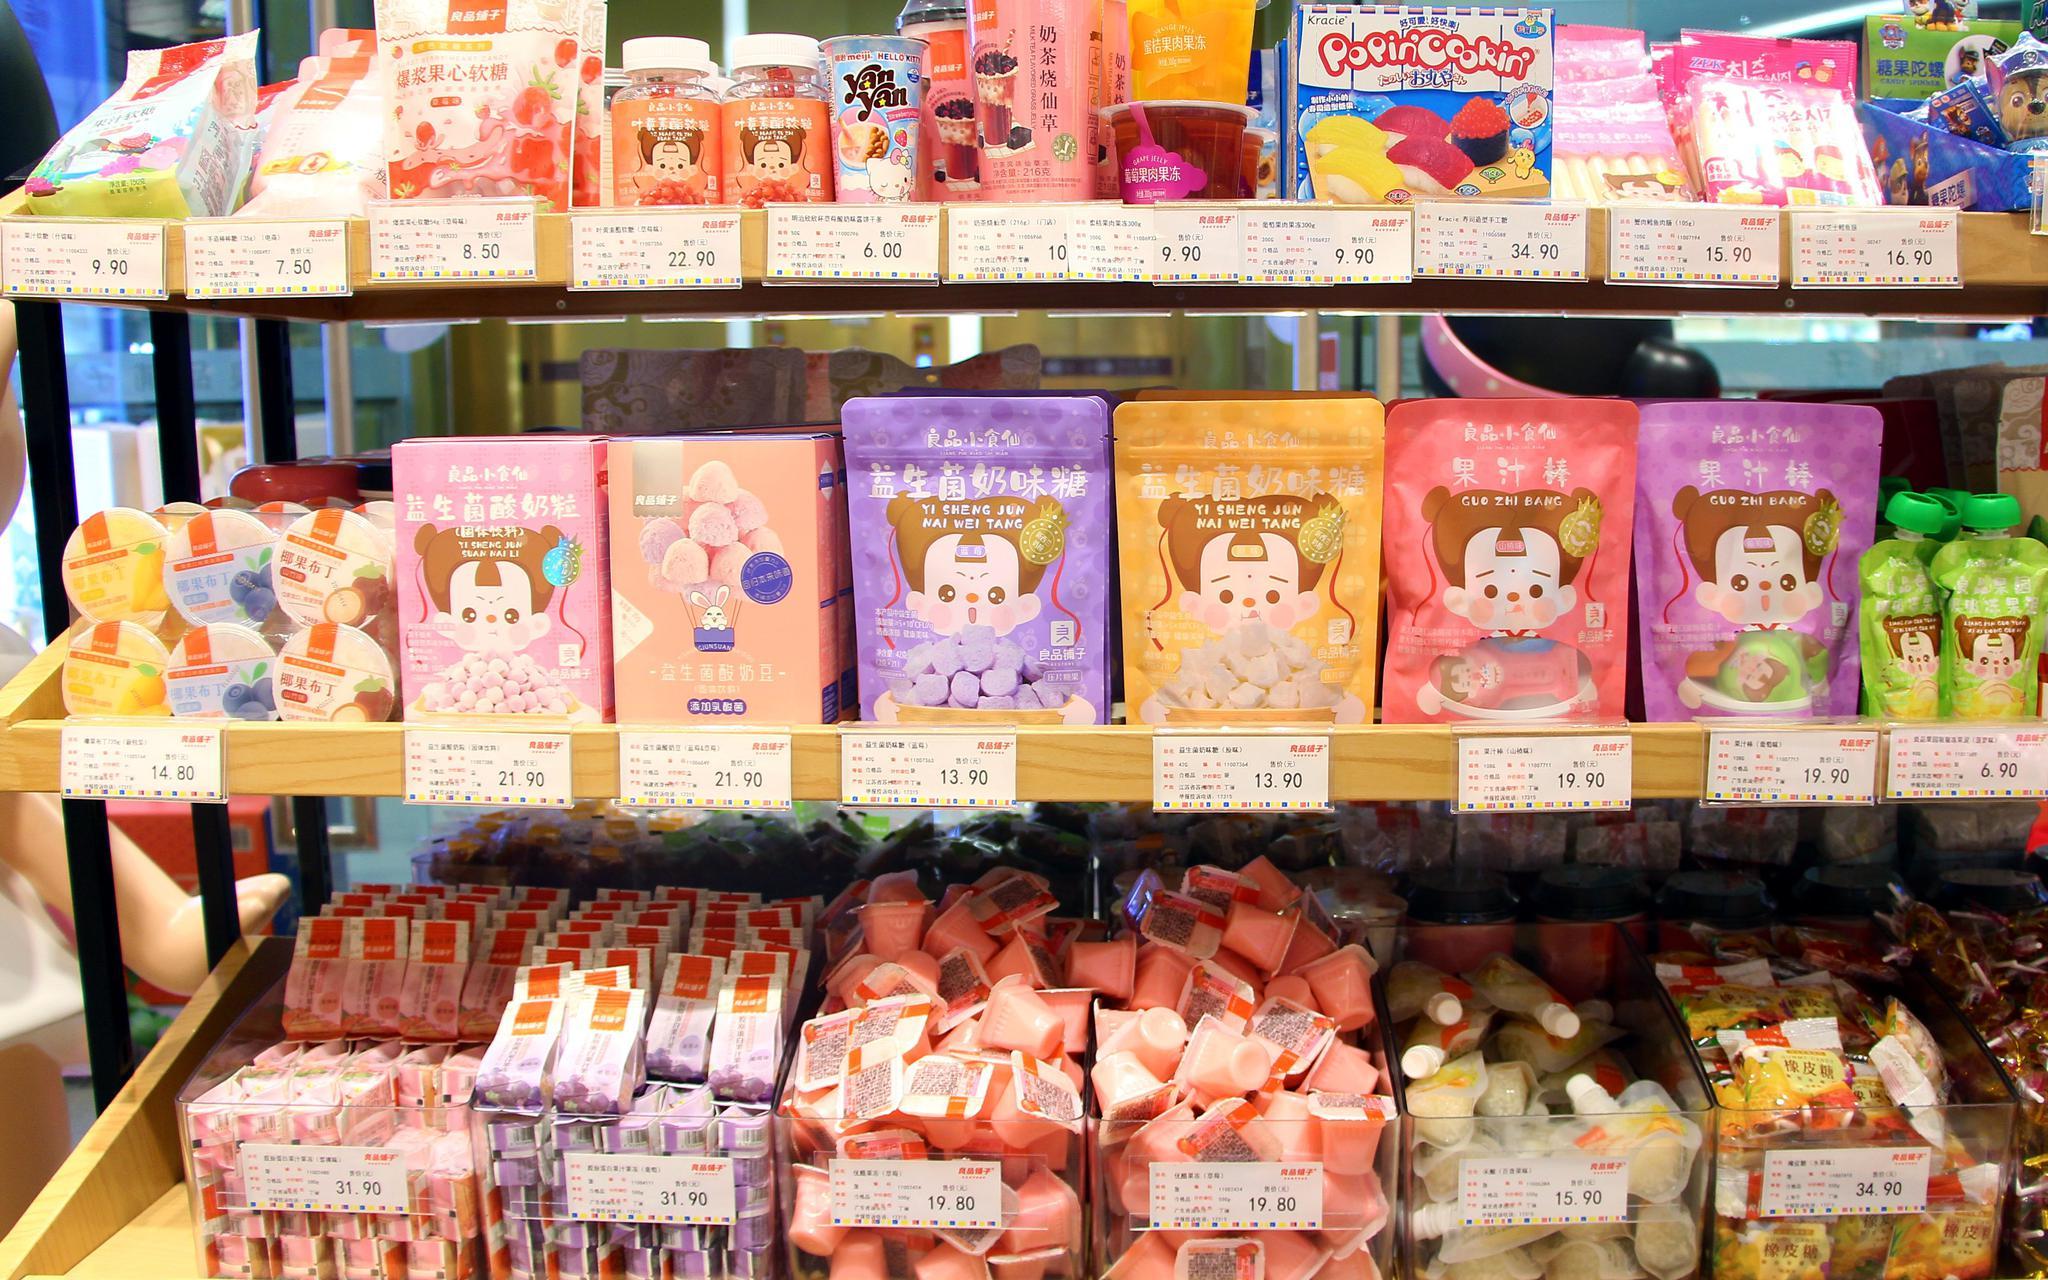 「摩天注册」中国首个儿童零食团体摩天注册标图片